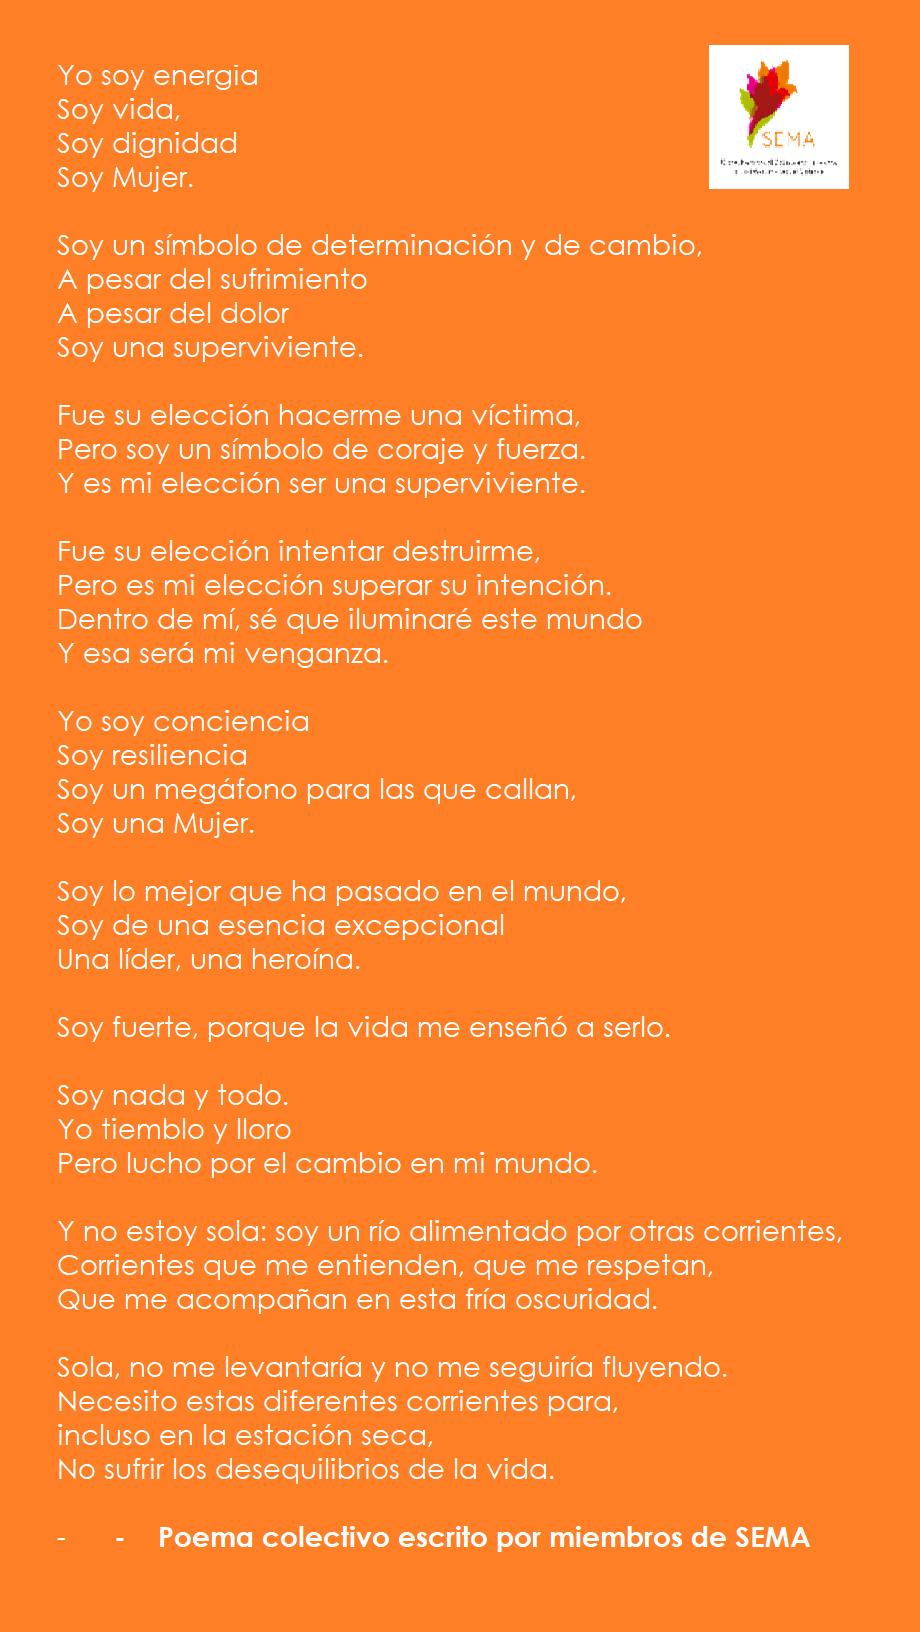 Poema colectivo de SEMA, noviembre 2019